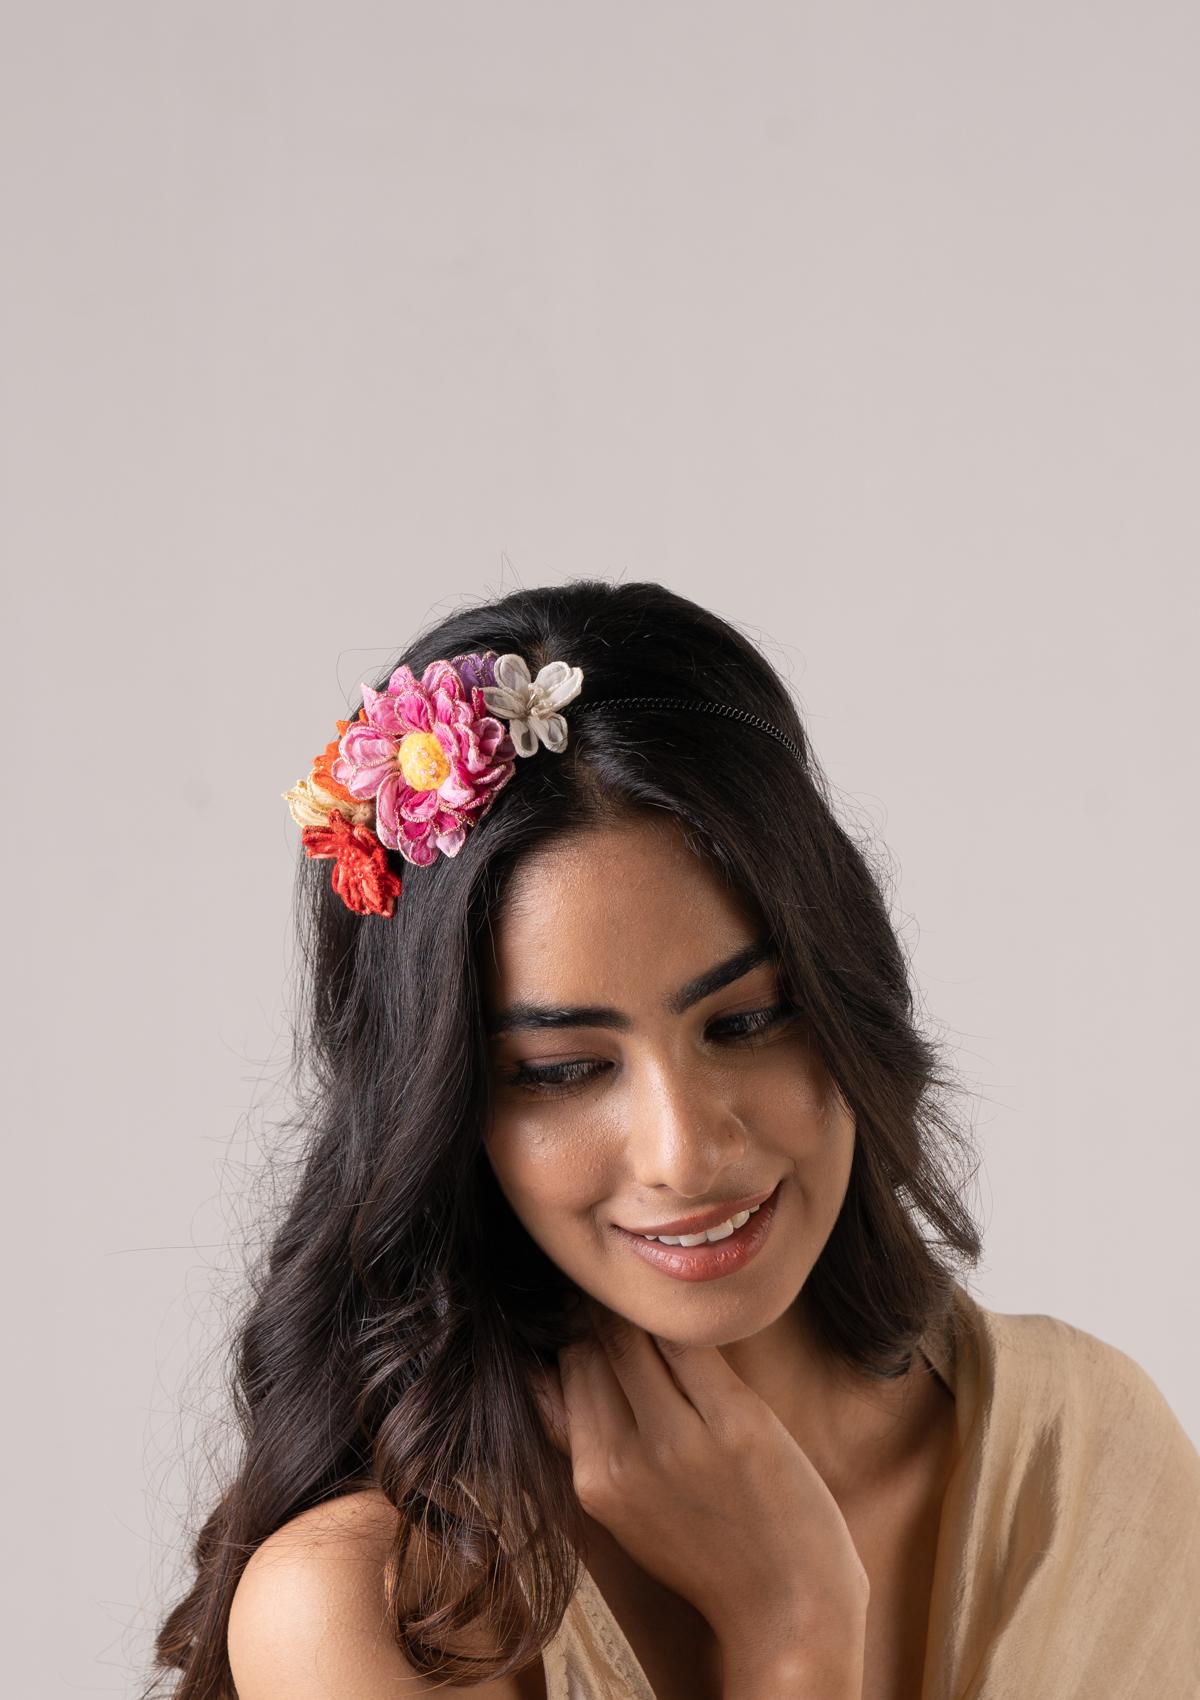 Shohi Floral Hair Accessory